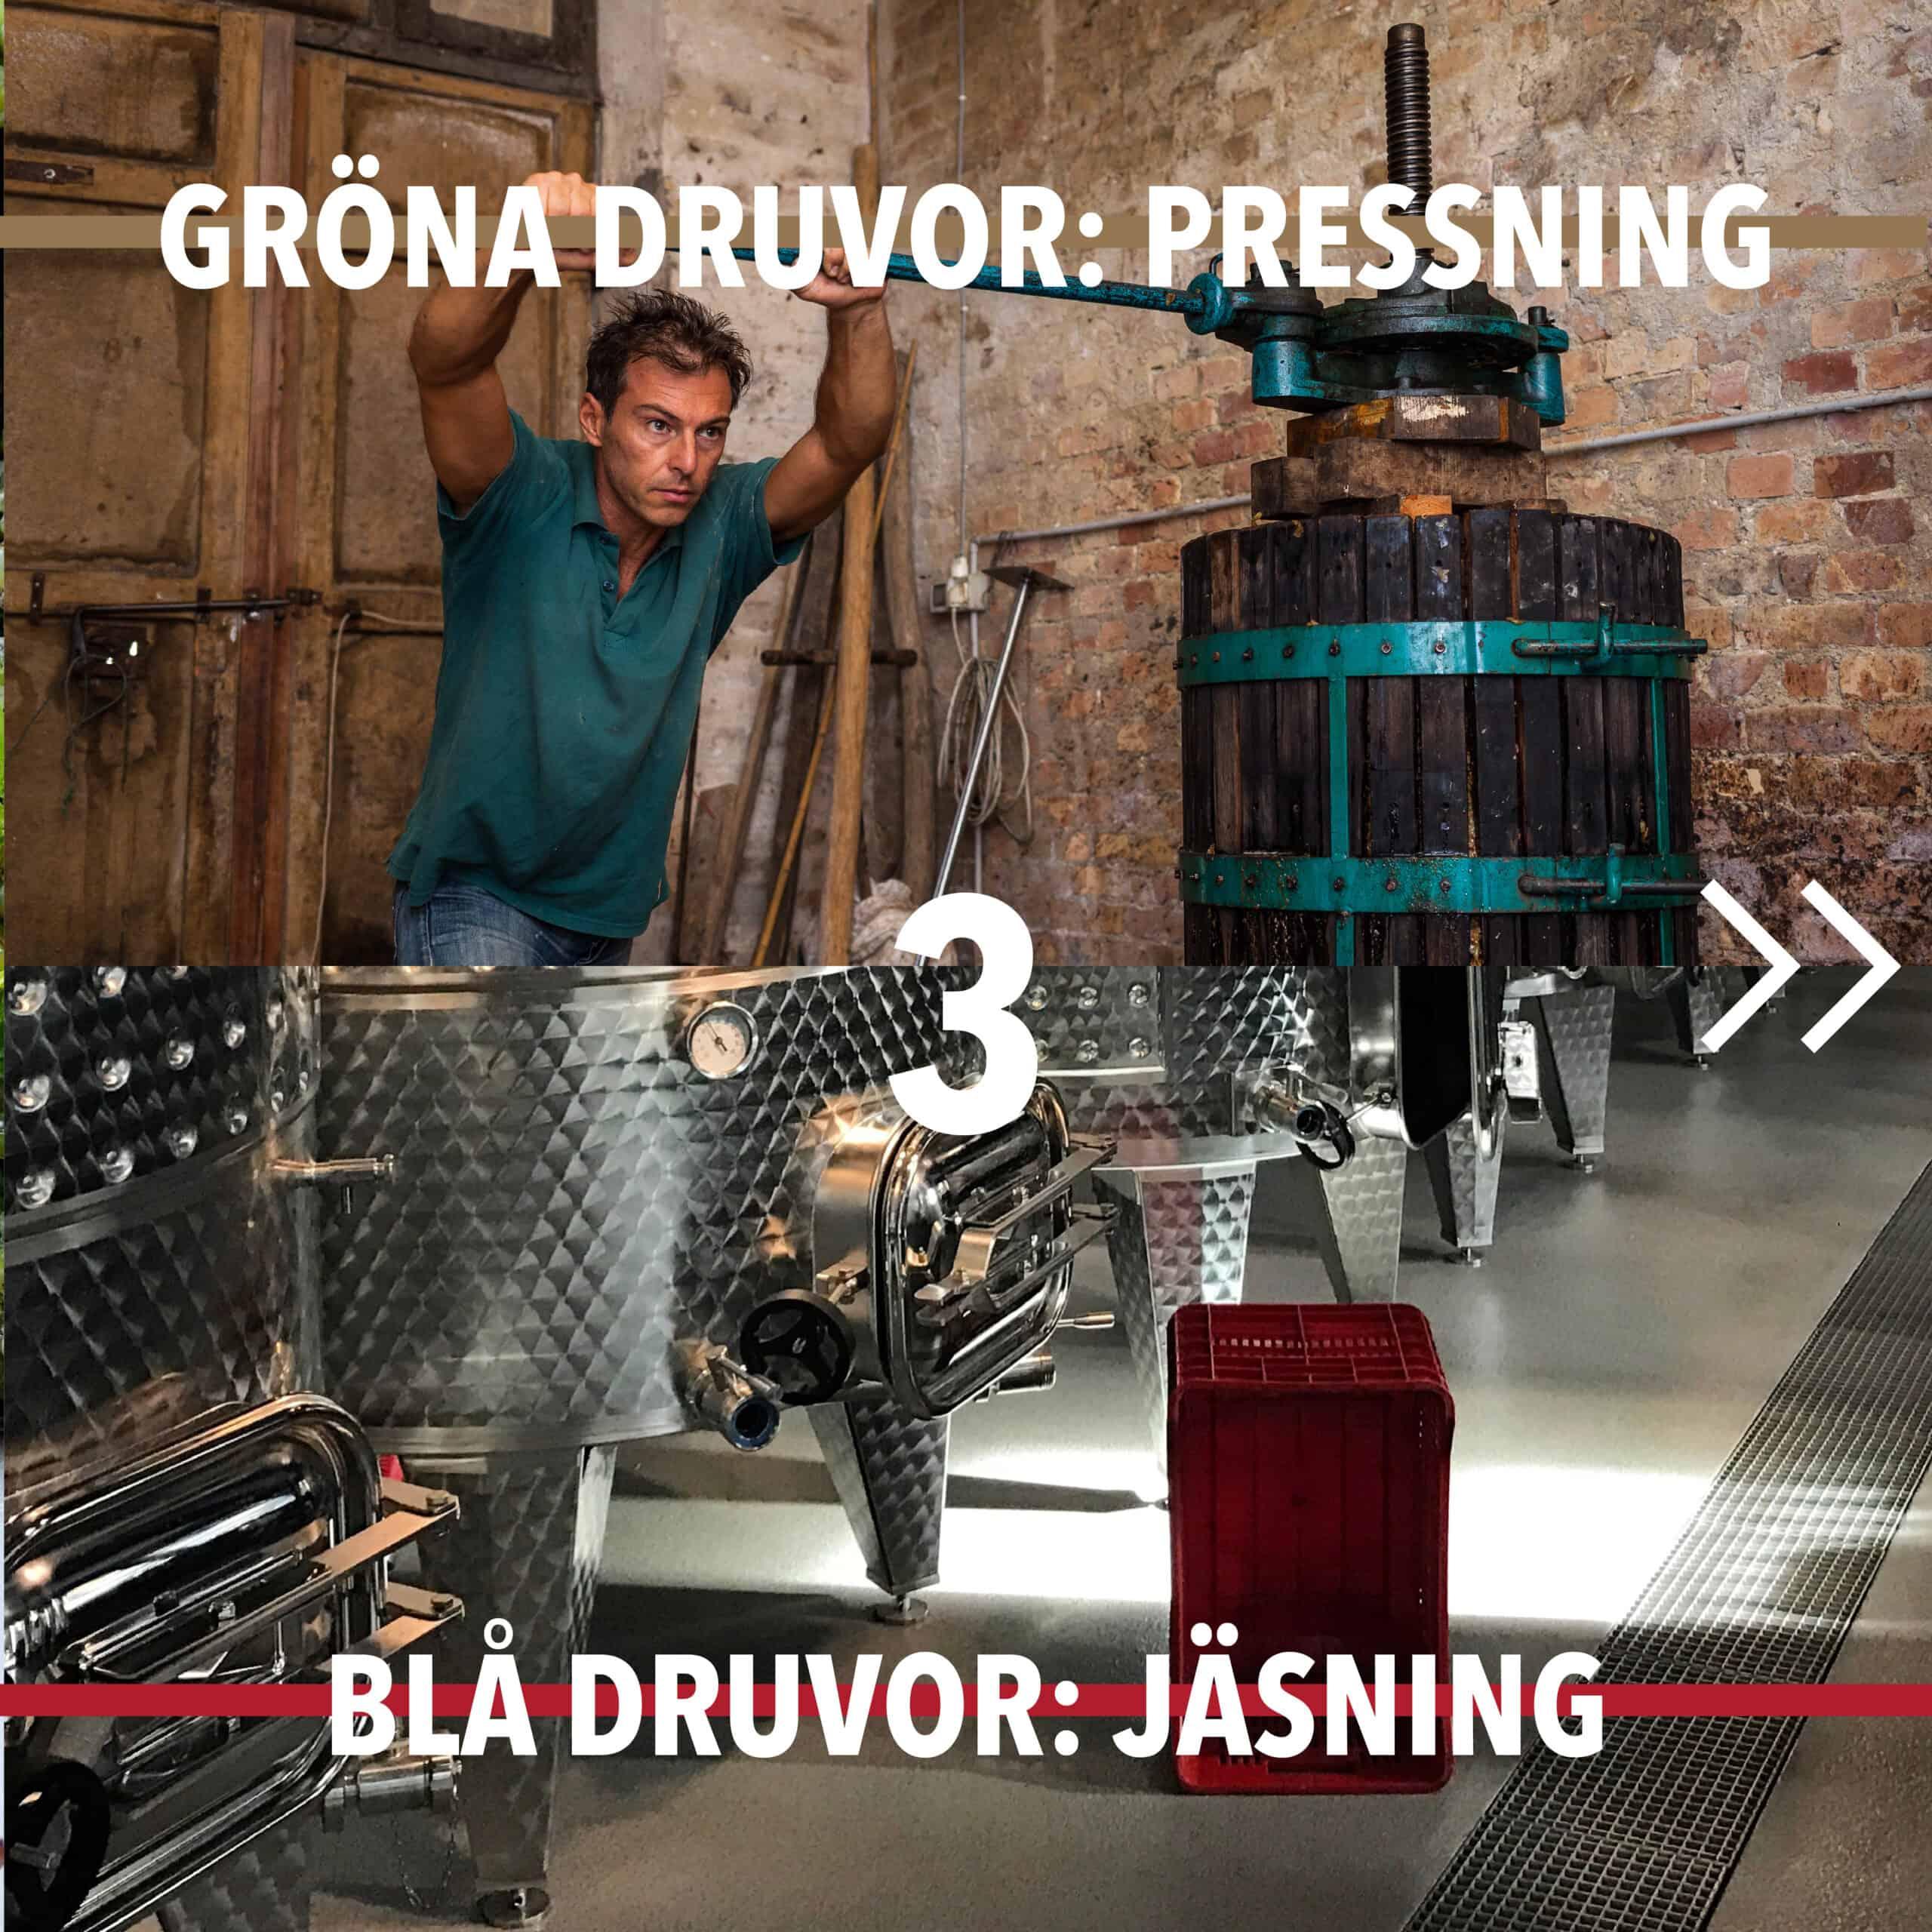 Vintillverkning guide hungry wines: pressning jäsning